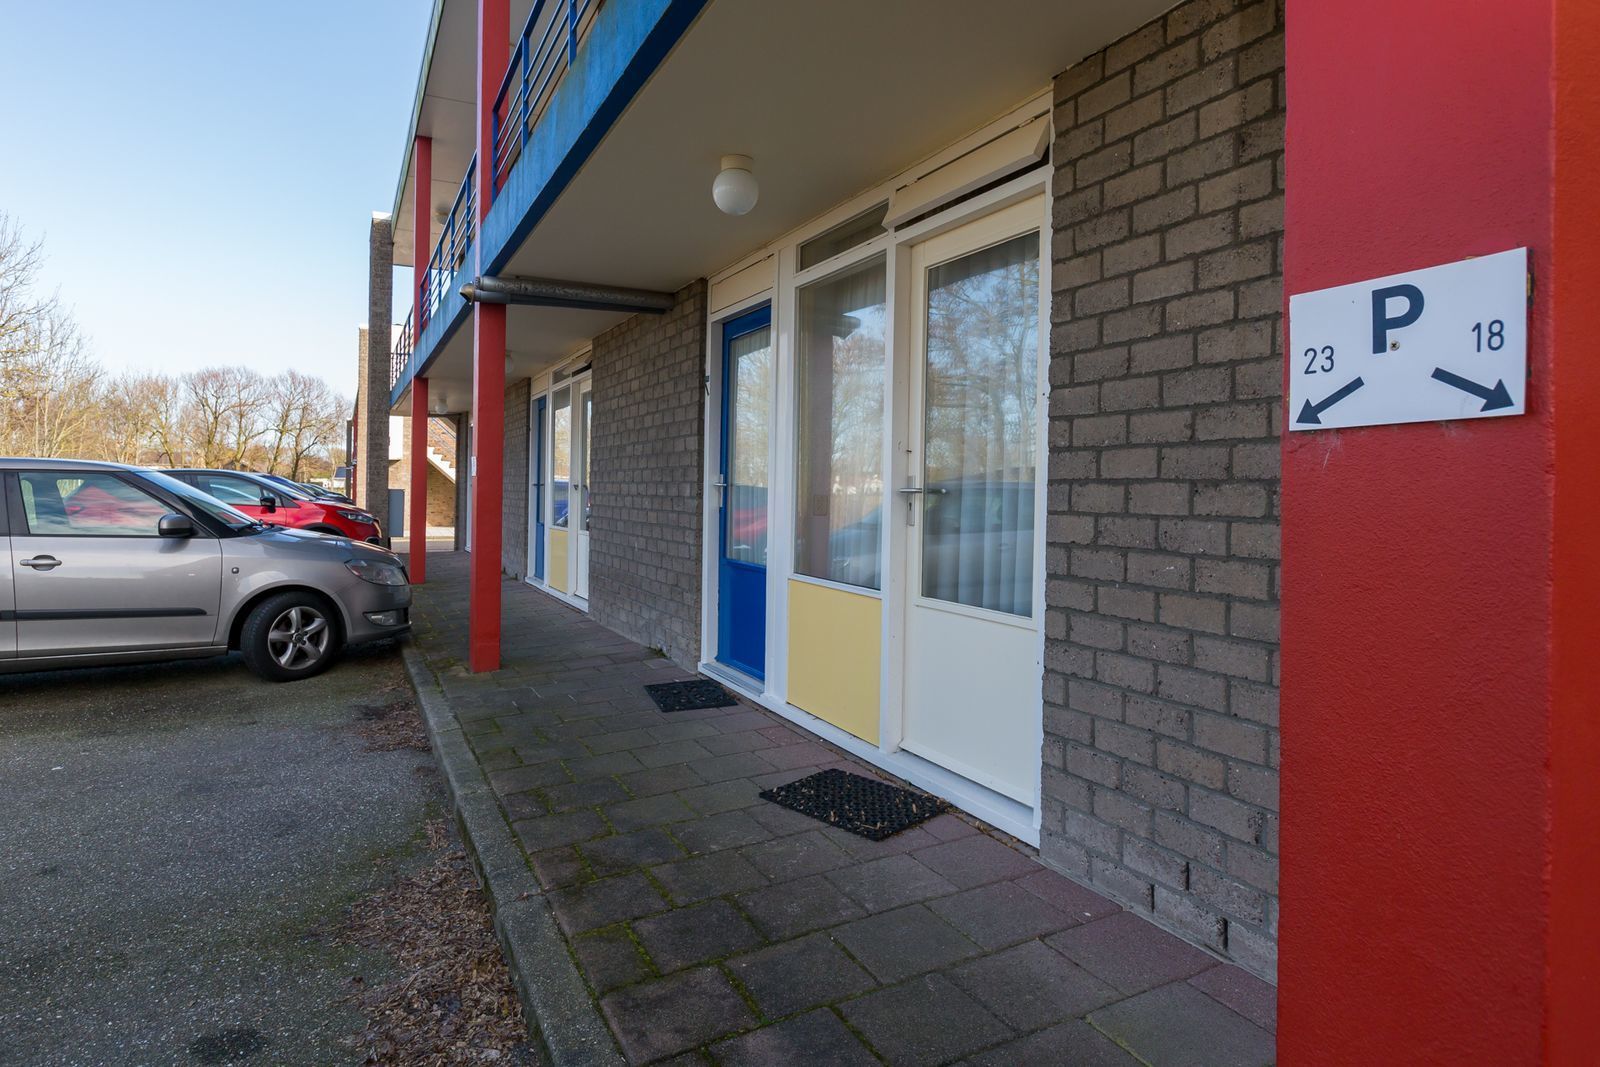 Appartement - Burg. van Woelderenlaan 100-23 | Vlissingen